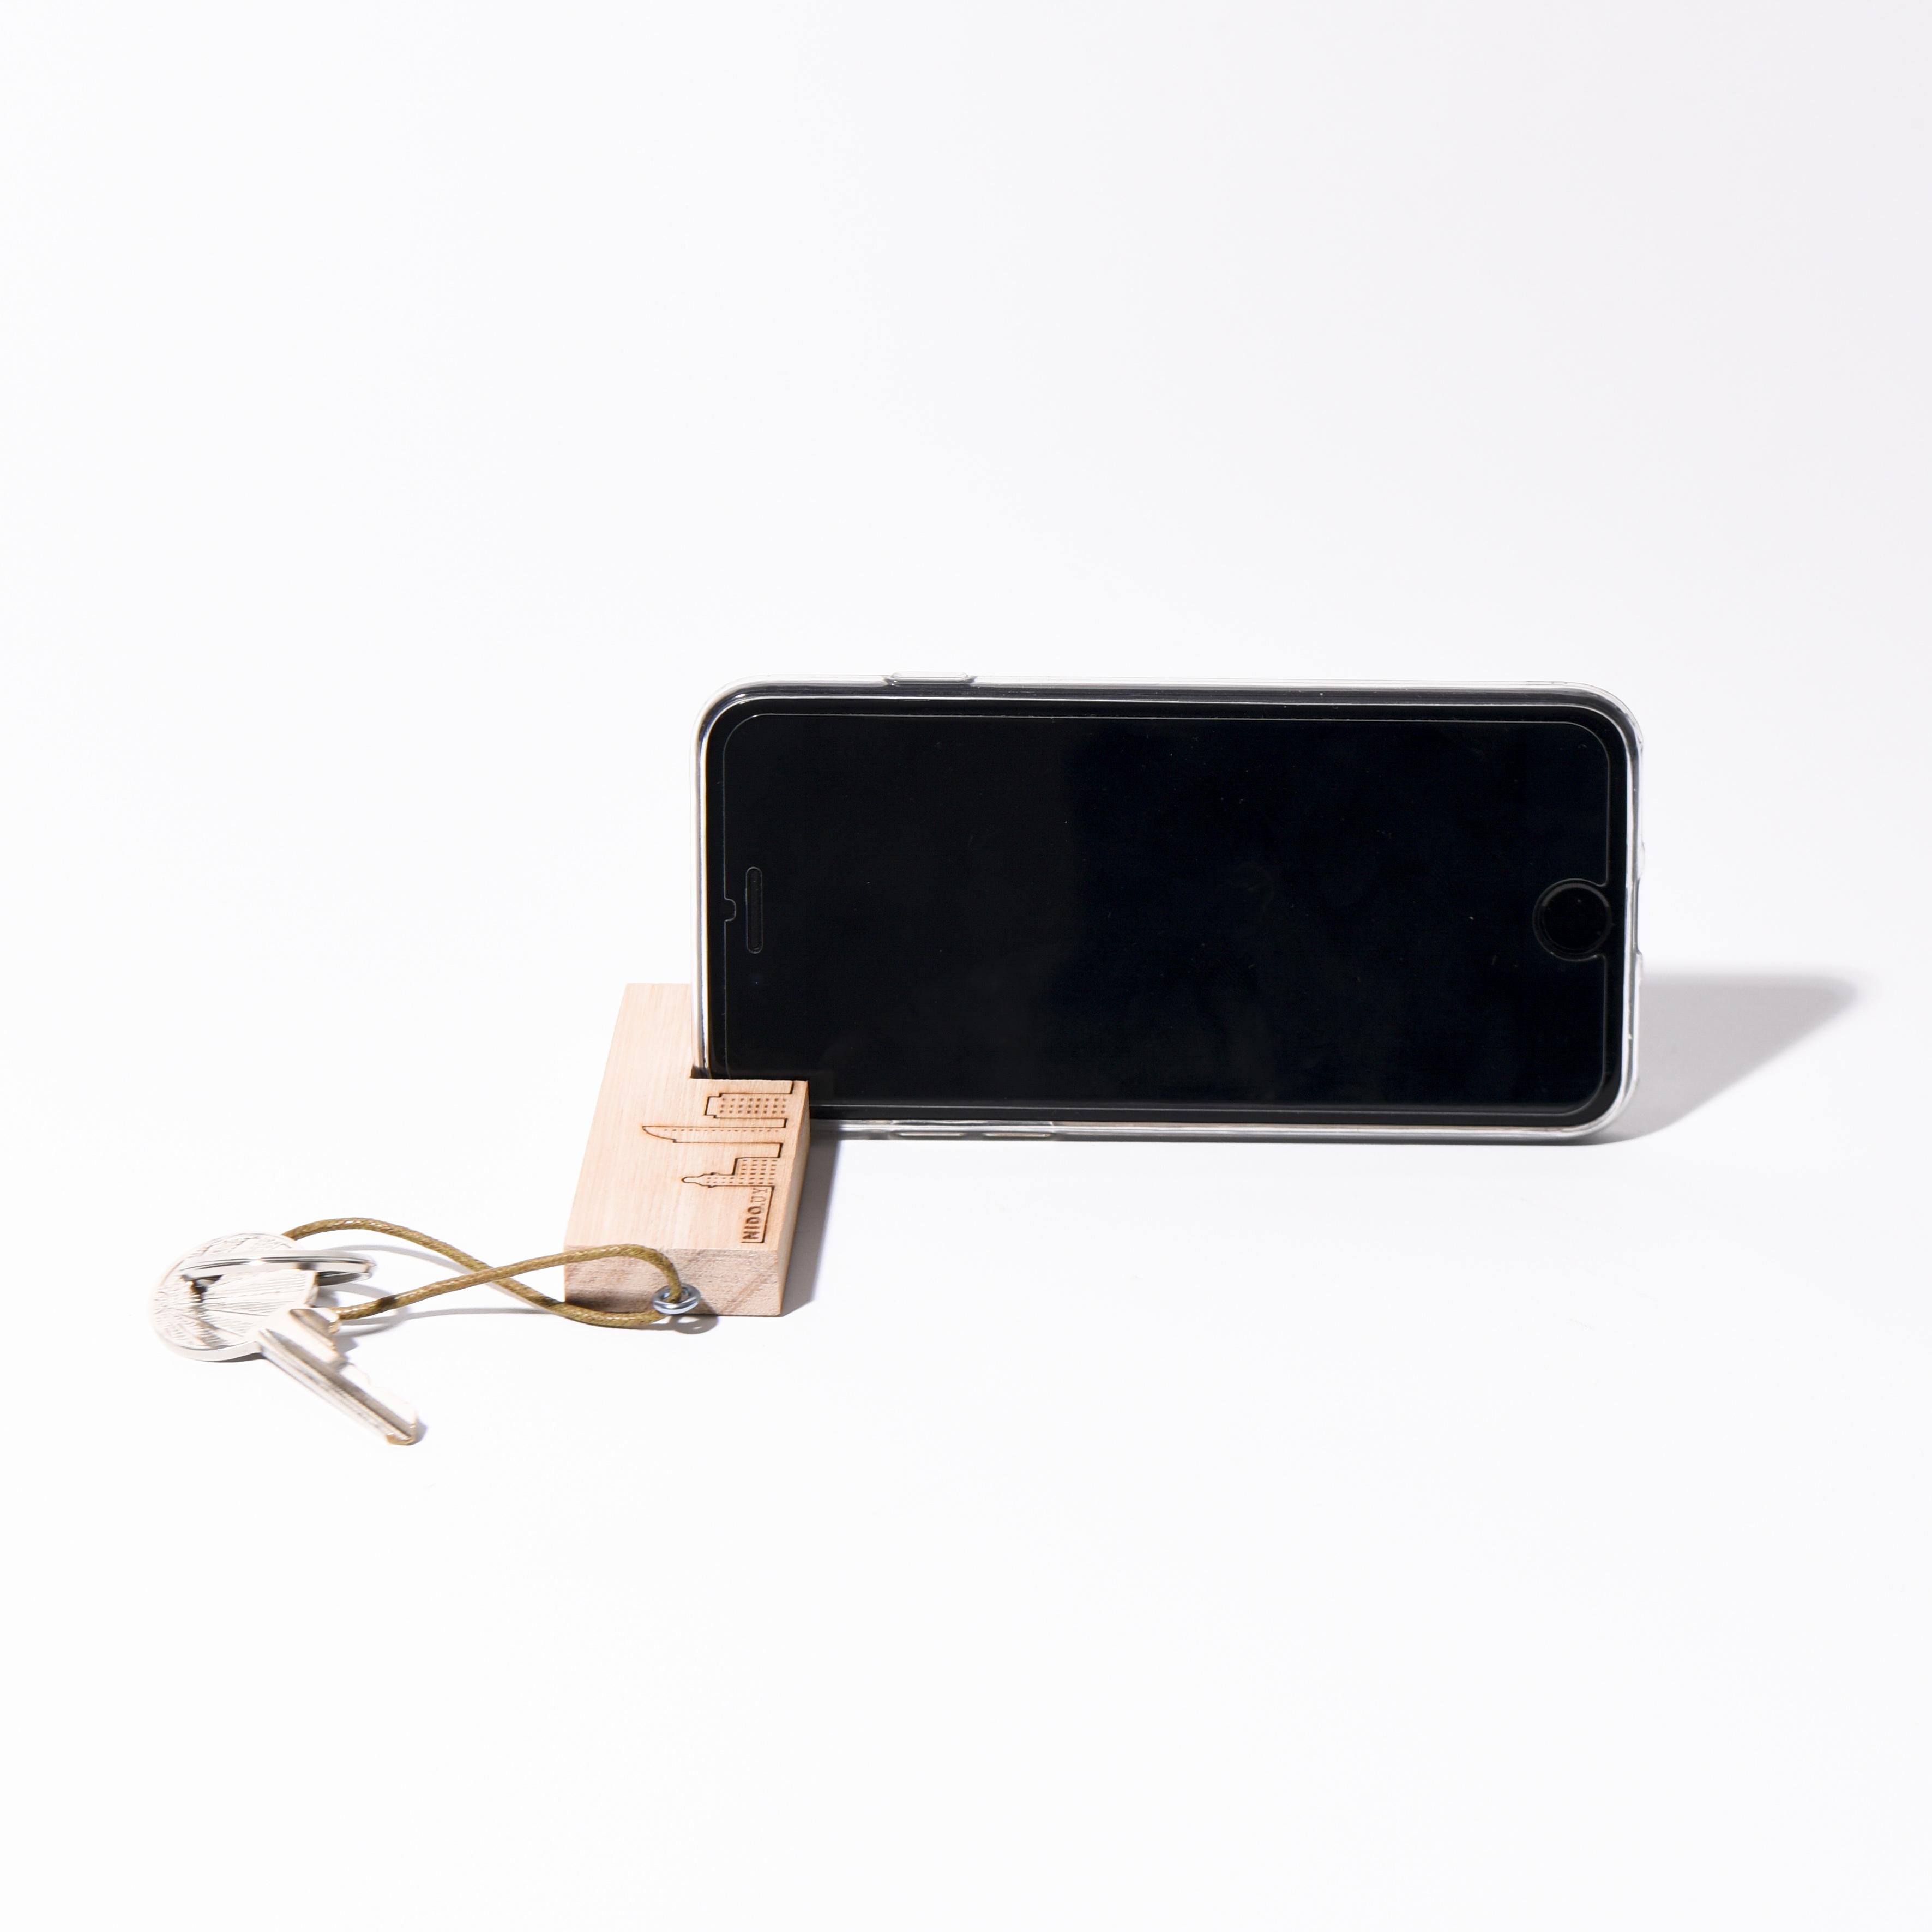 Llavero porta celular